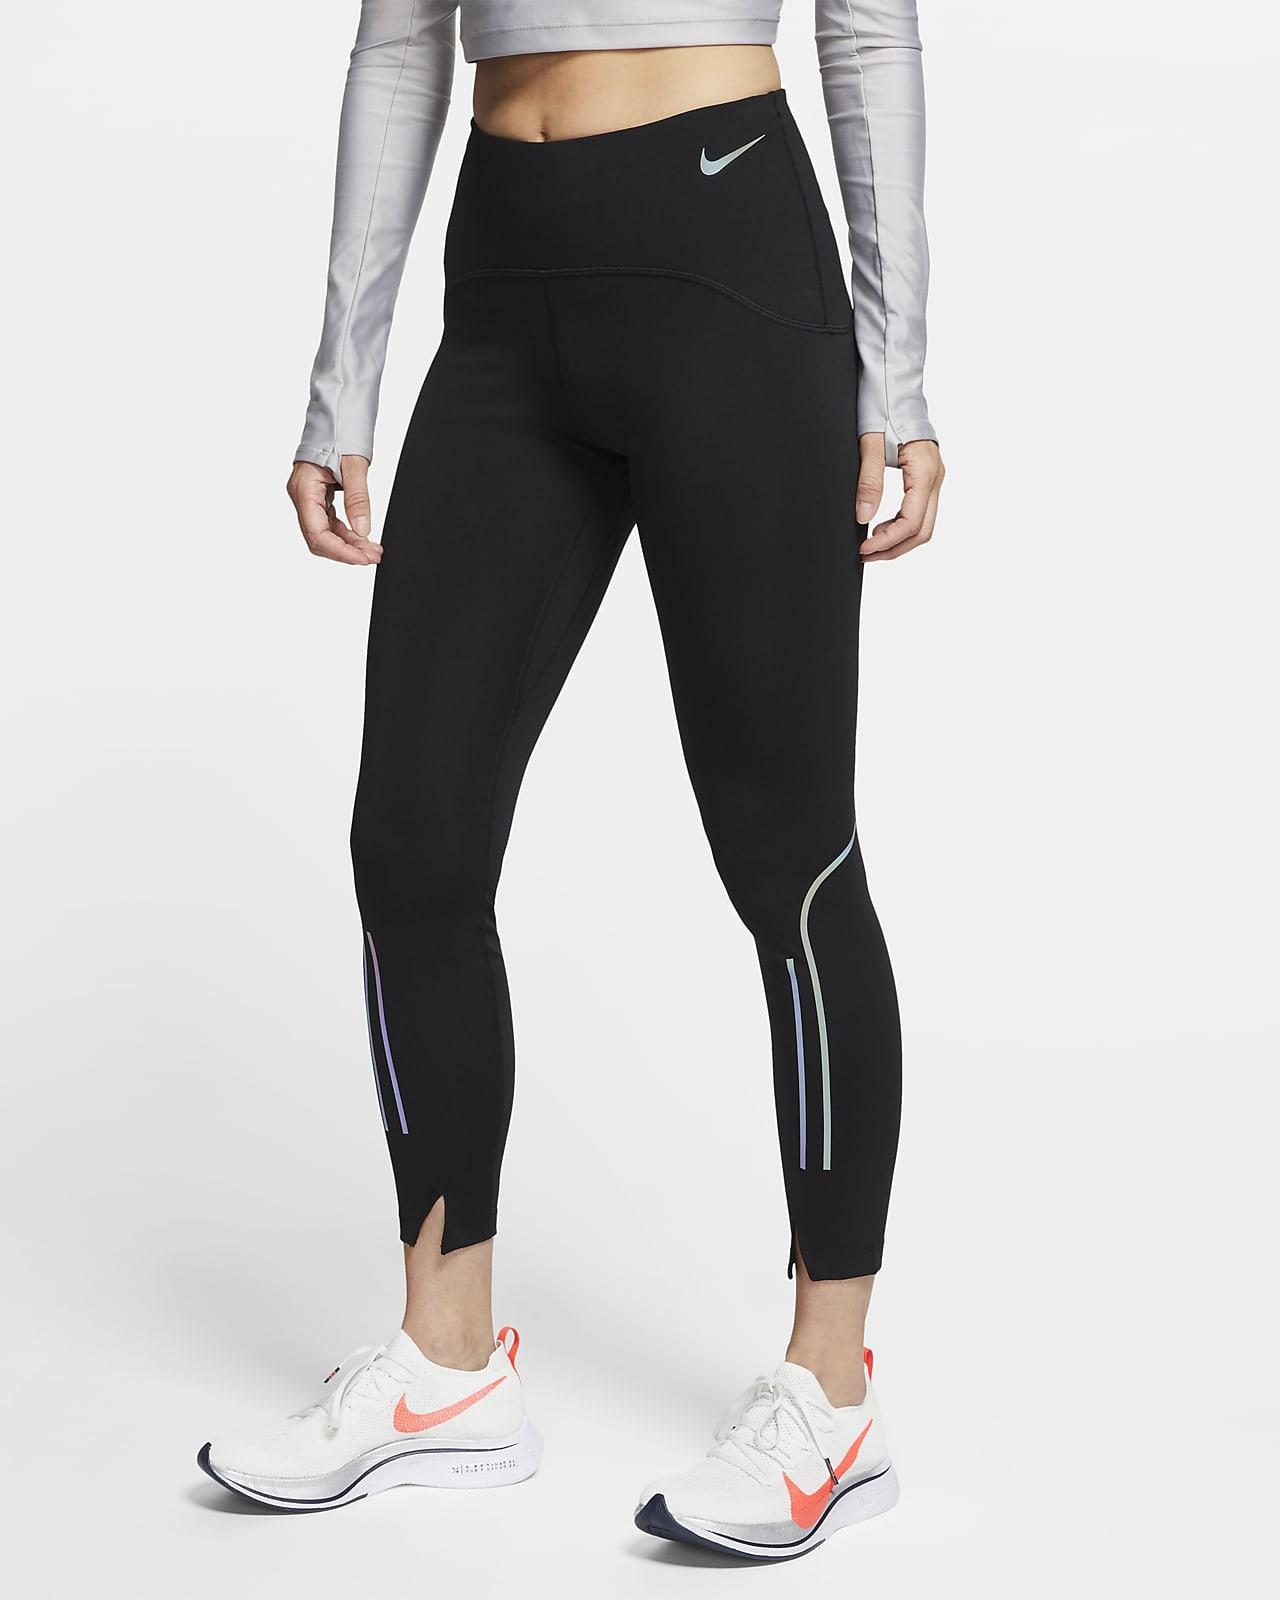 Damskie legginsy 7/8 do biegania ze średnim stanem Nike Speed